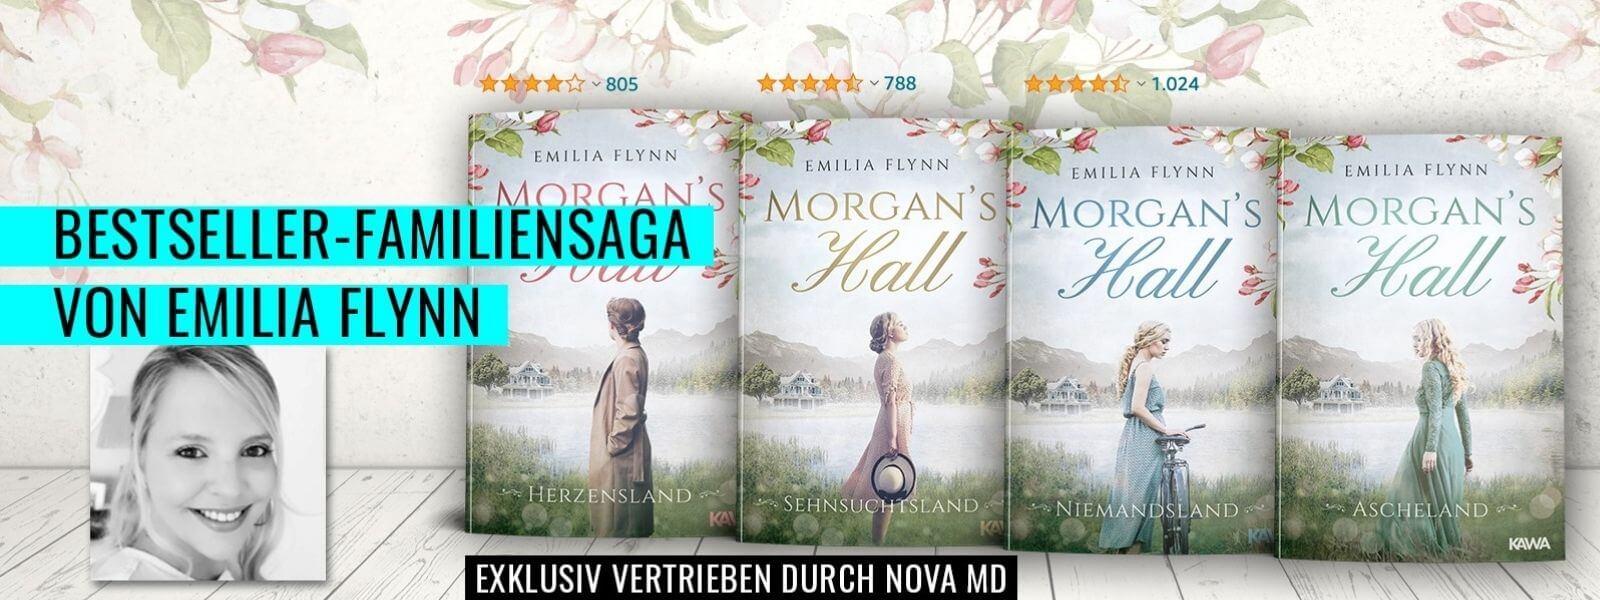 """Bestseller-Familiensaga """"Morgan's Hall"""" von Emilia Flynn"""